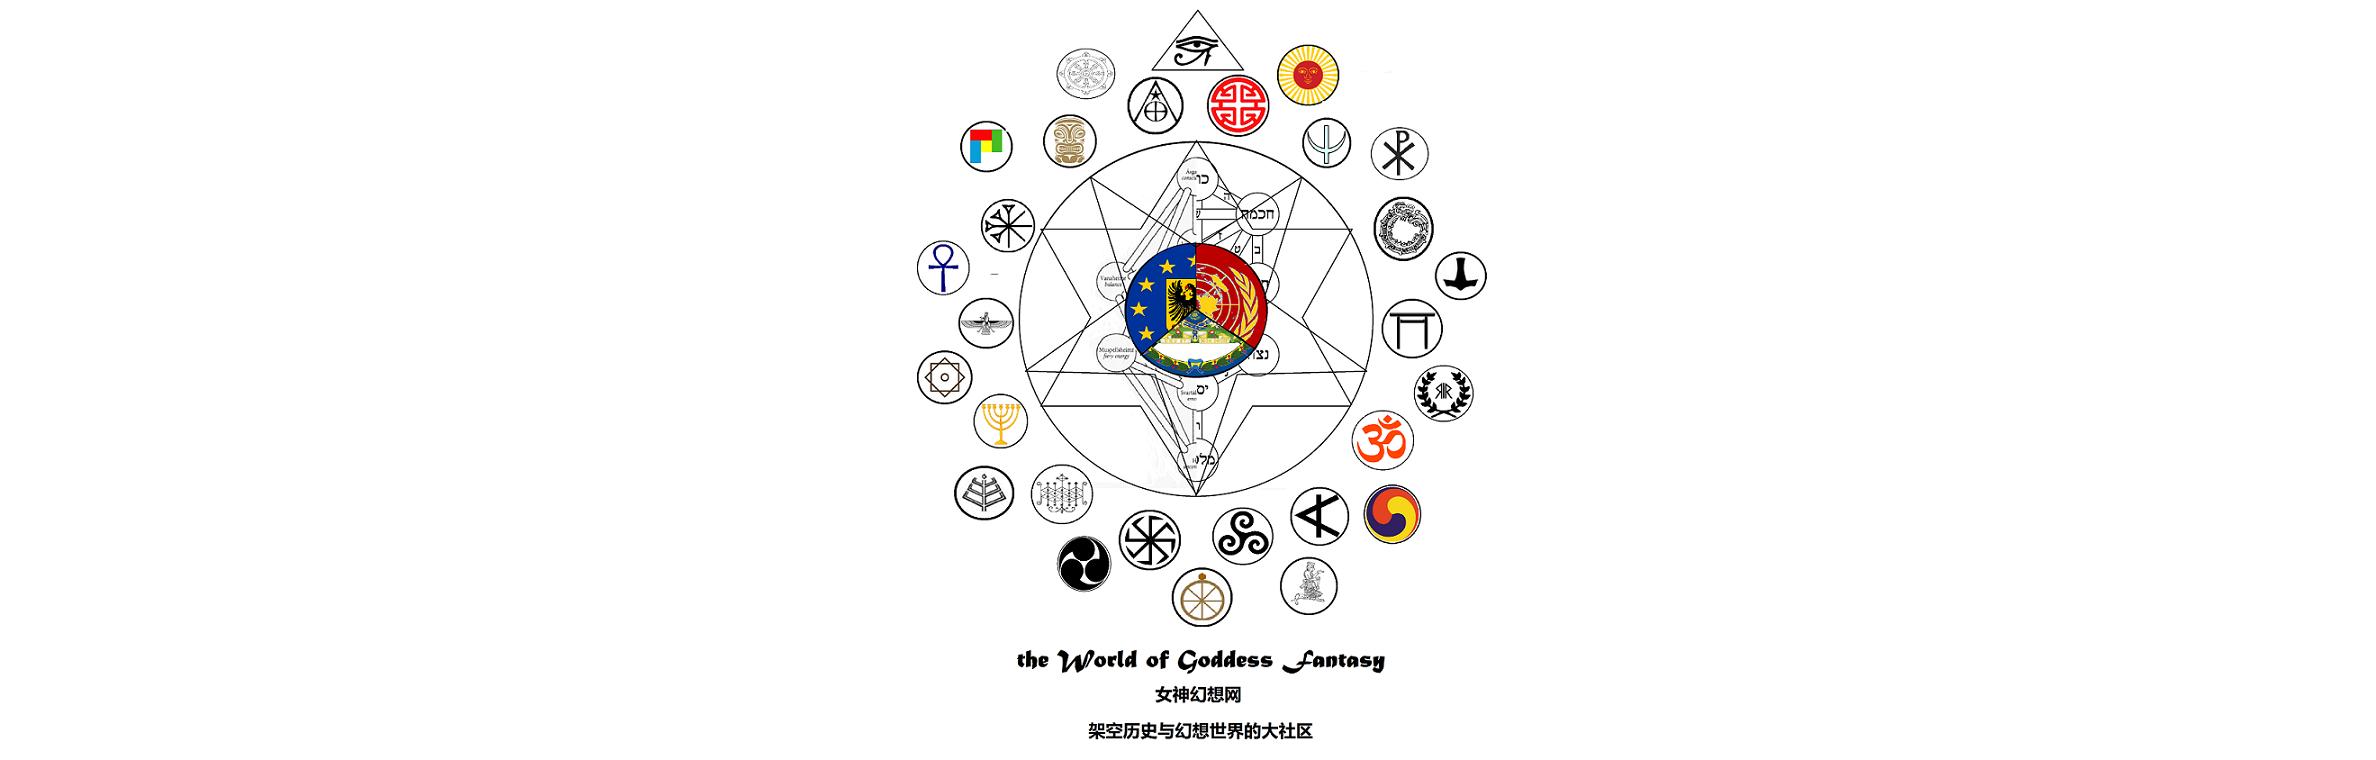 女神幻想中文网